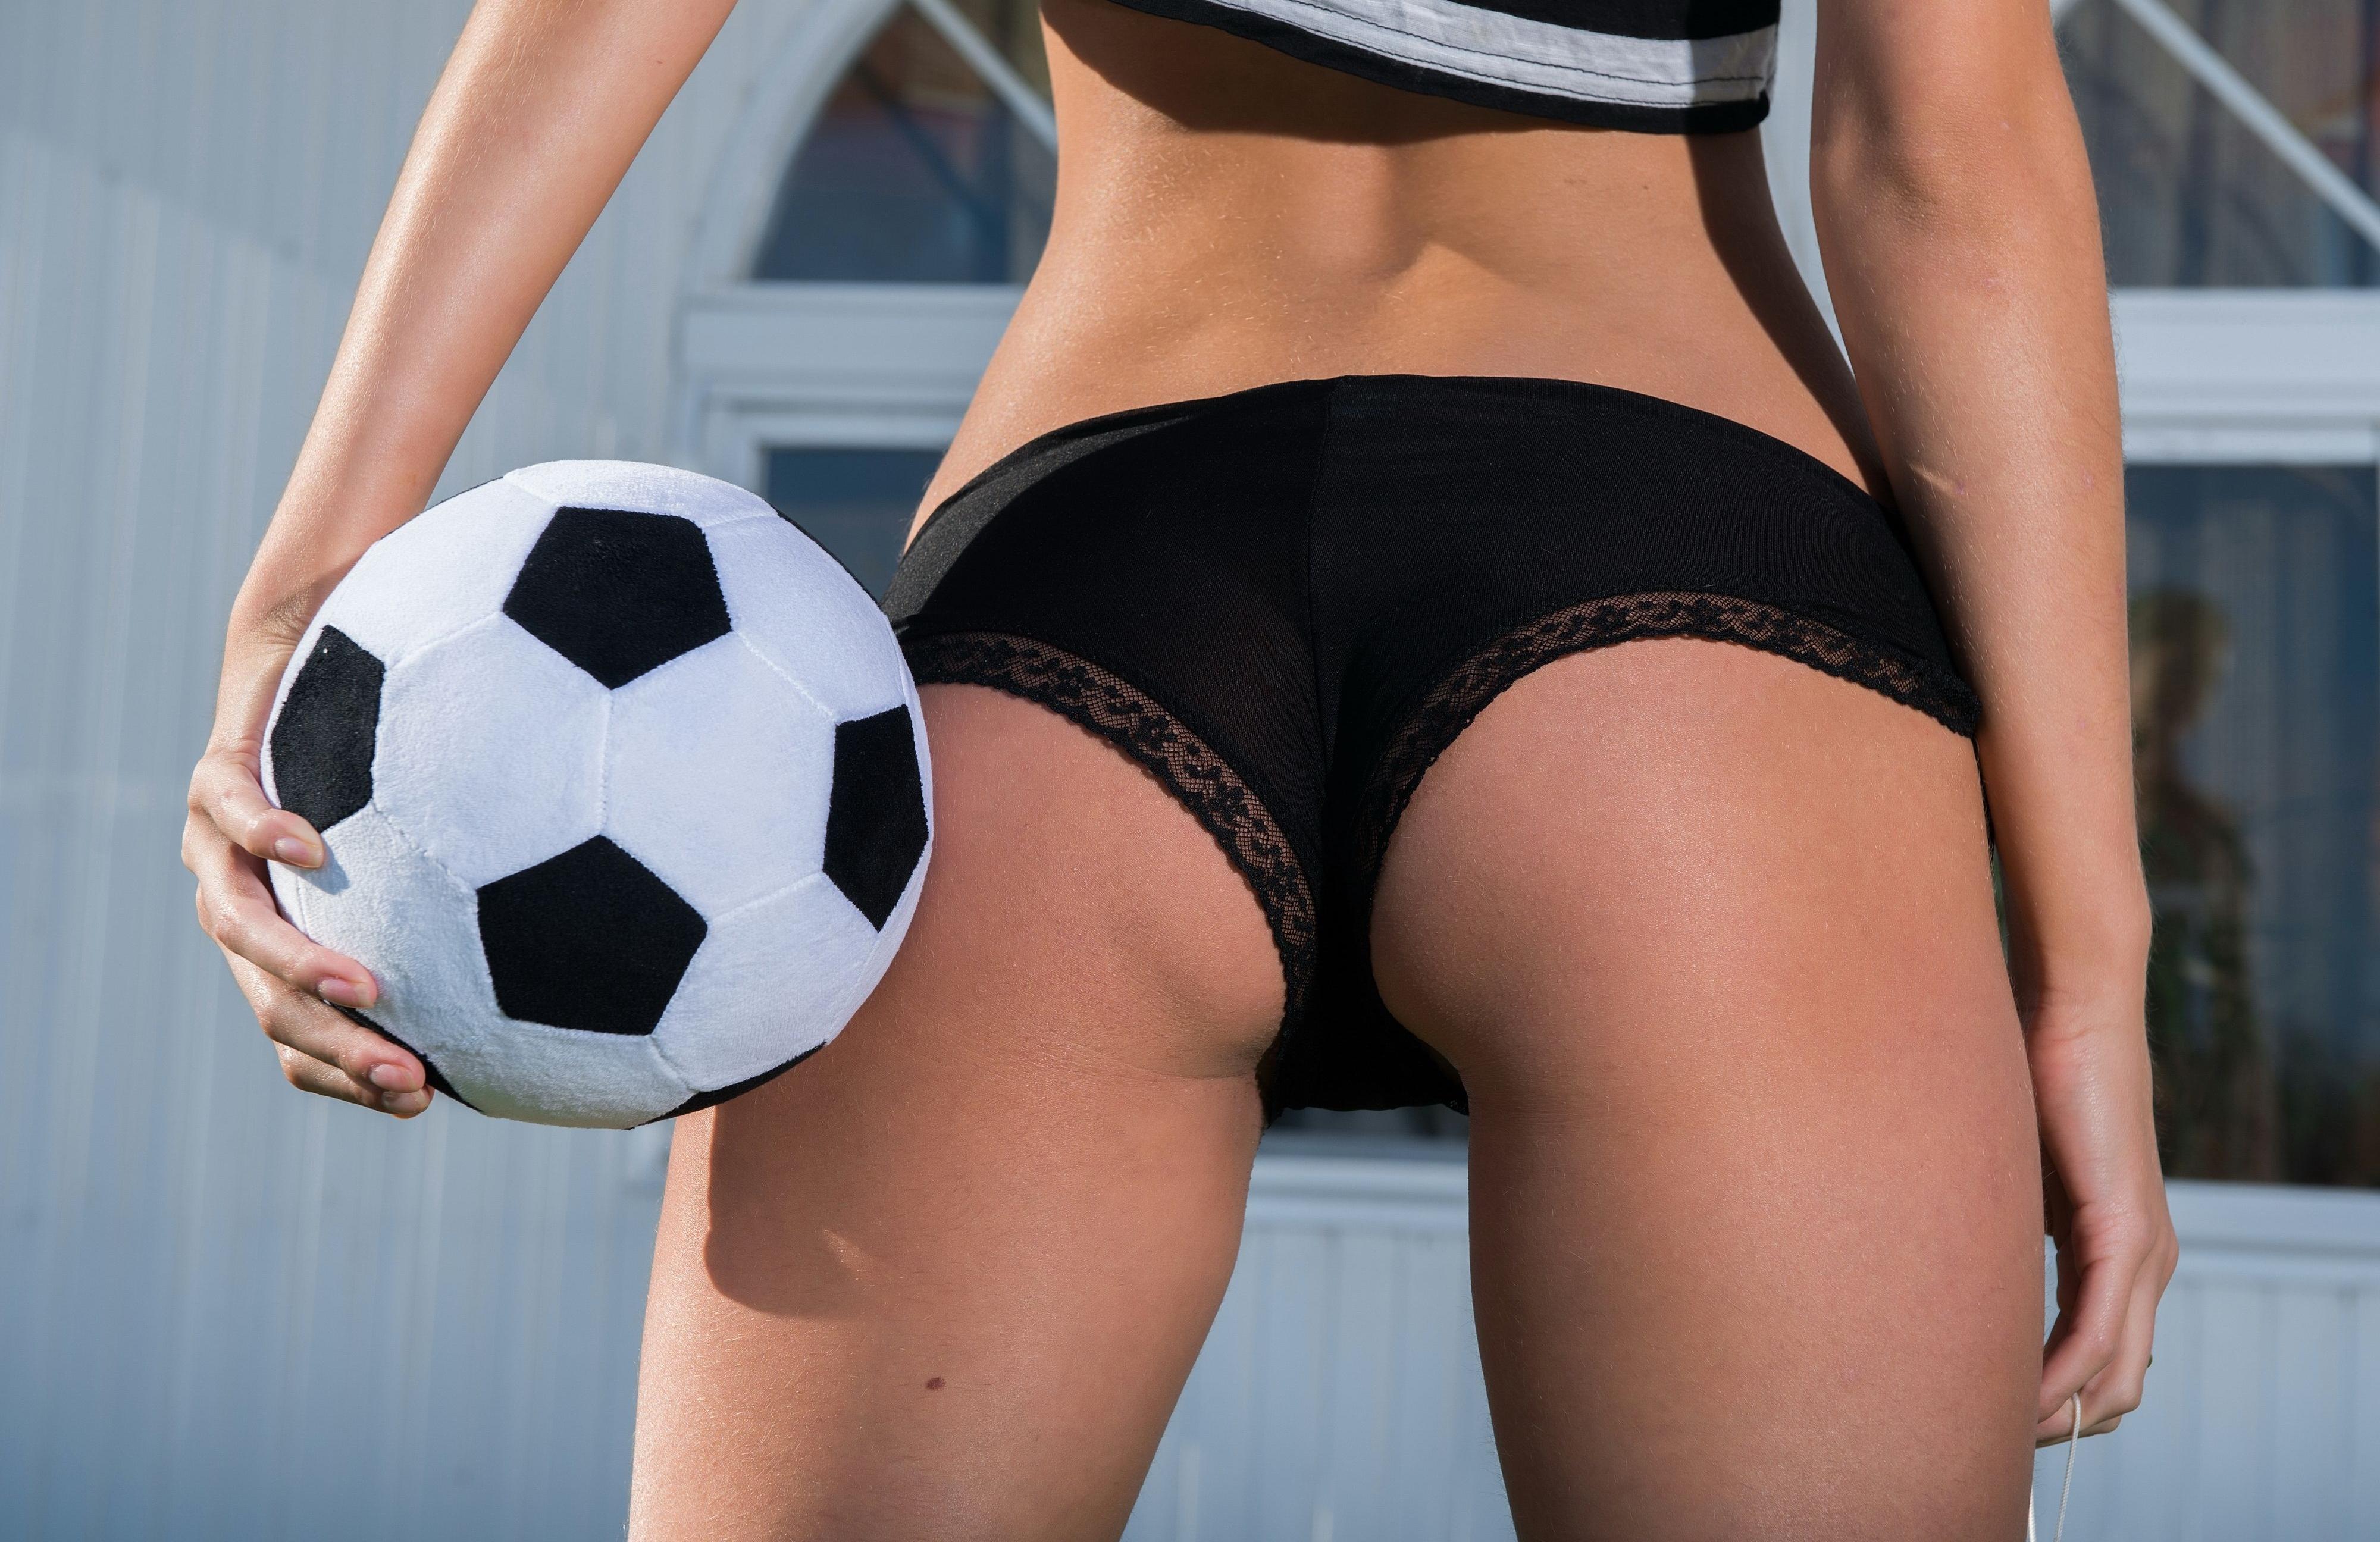 Картинки женская попа с мячом между ног